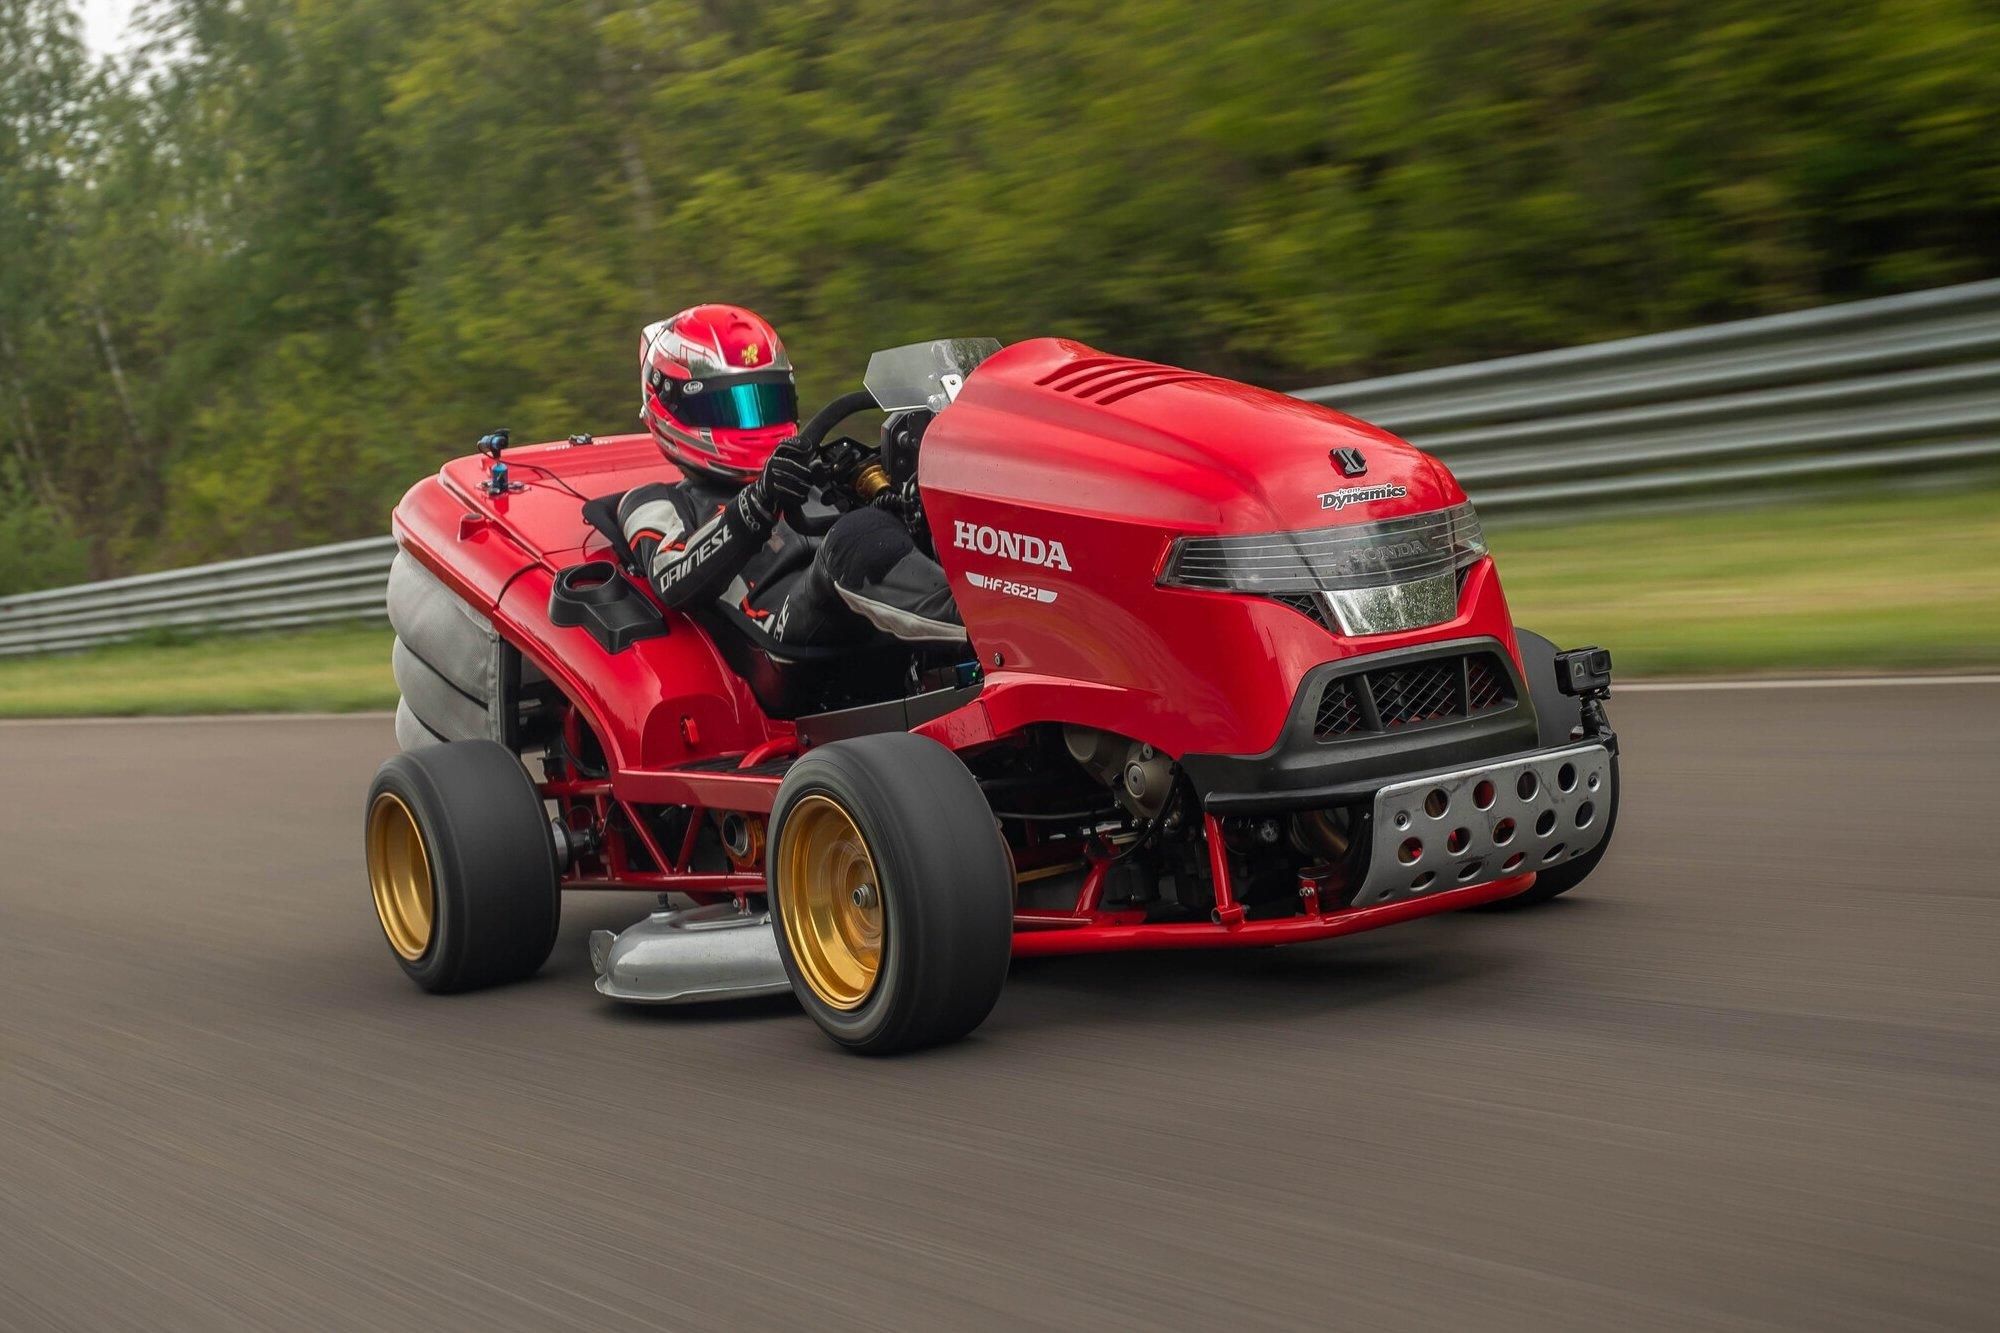 Газонокосилка Honda побила рекорд Гиннесса